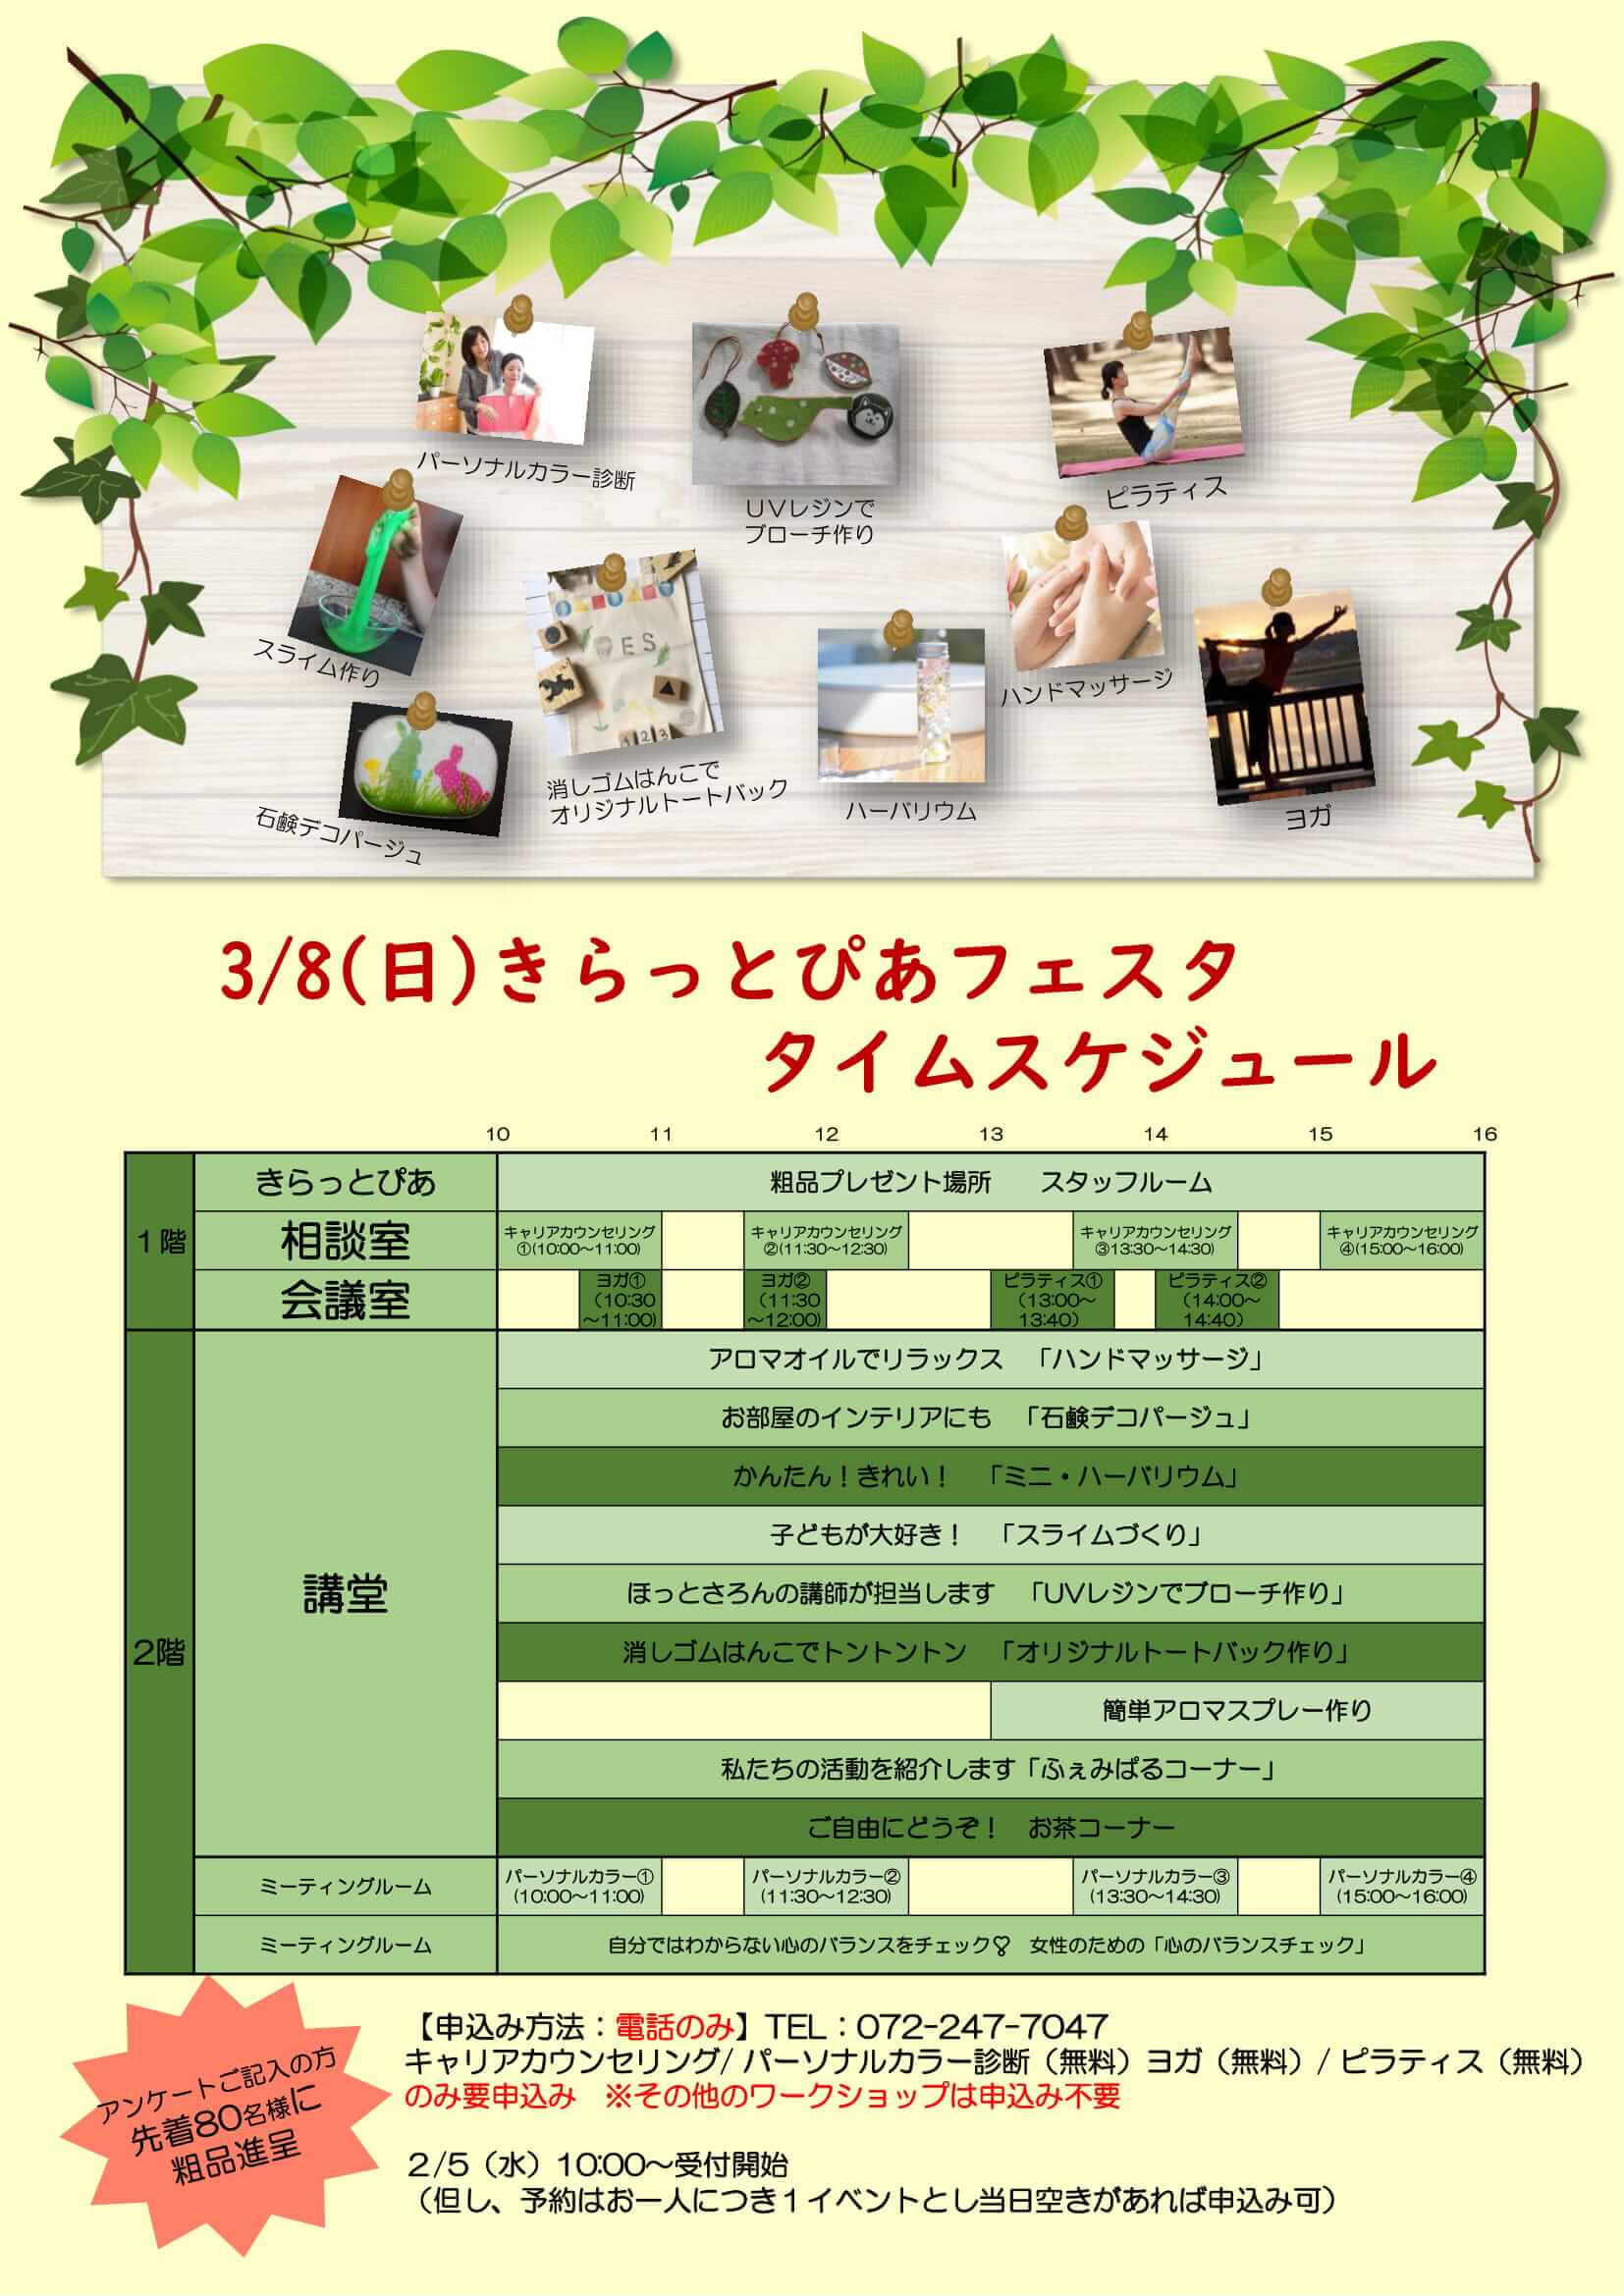 「きらっとぴあフェスタ」を2020年3月8日に開催します (2)